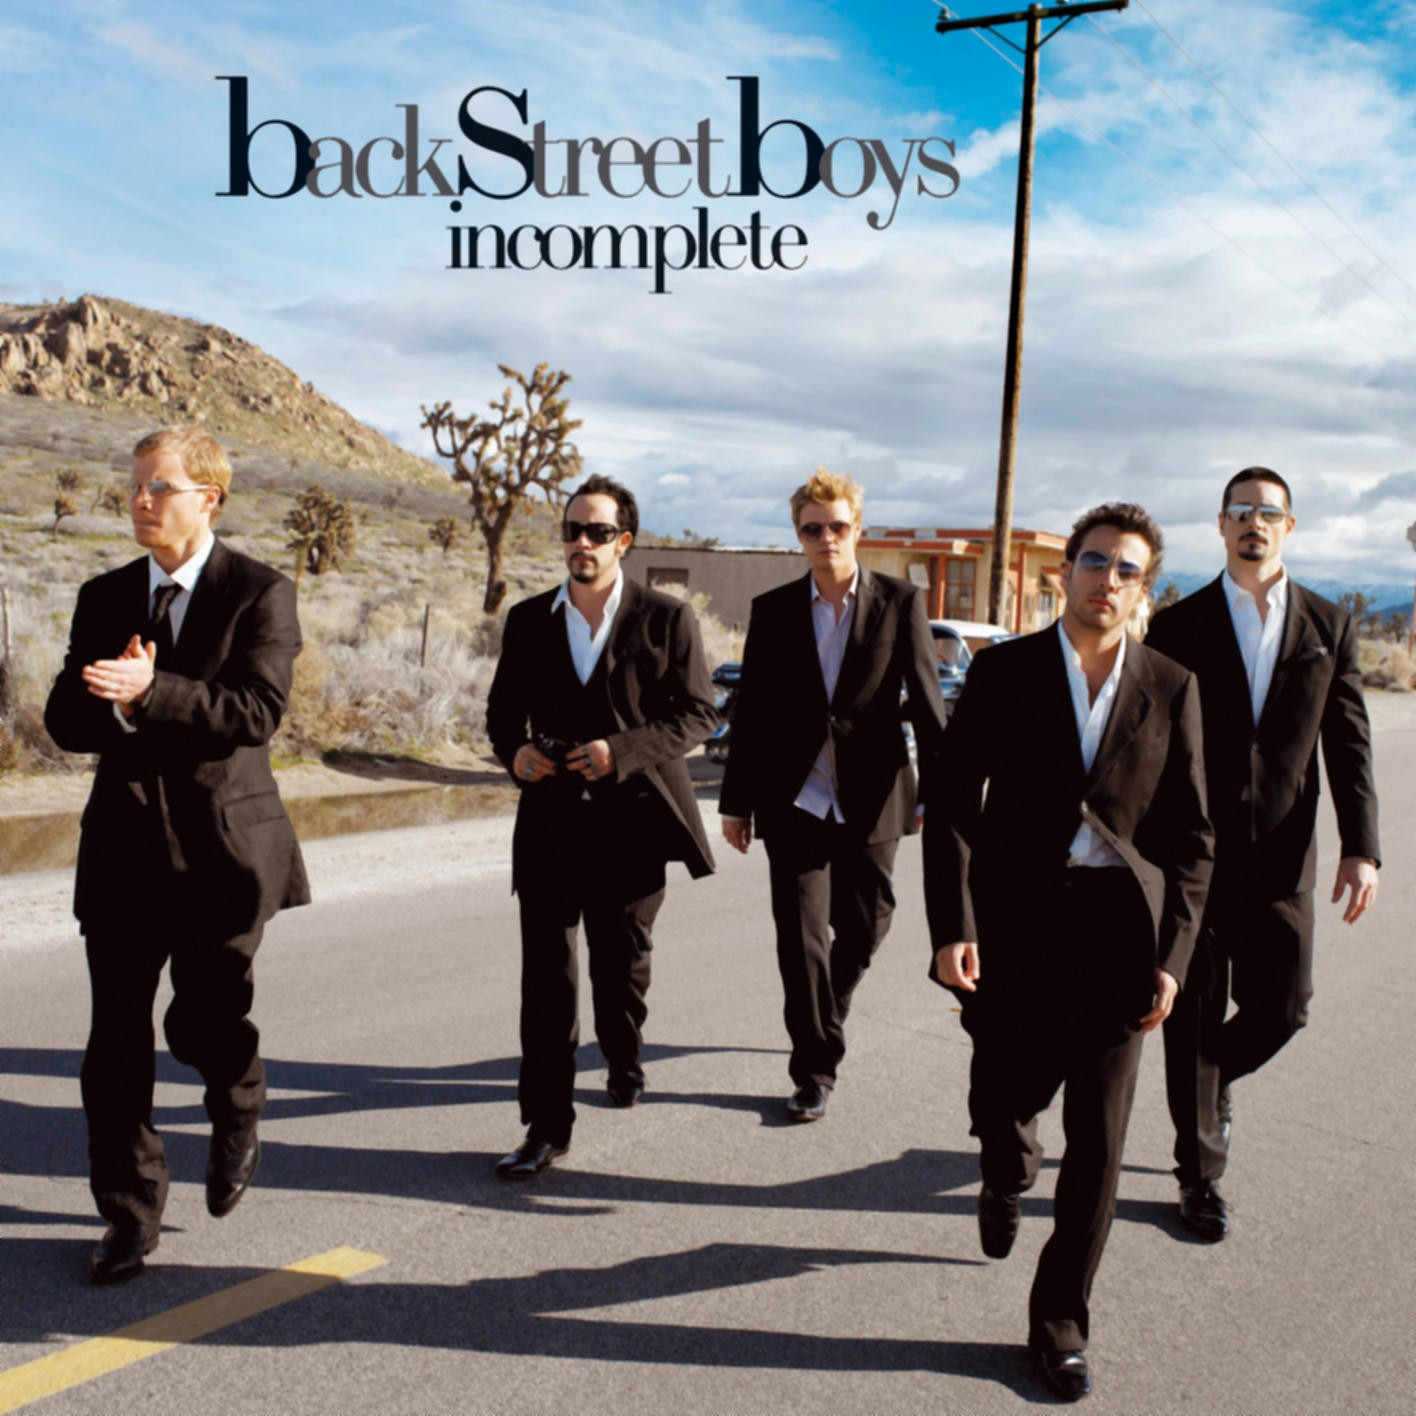 Backstreet Boys - Những Chàng Trai Làm Khuynh Đảo Thế Giới Incomplete